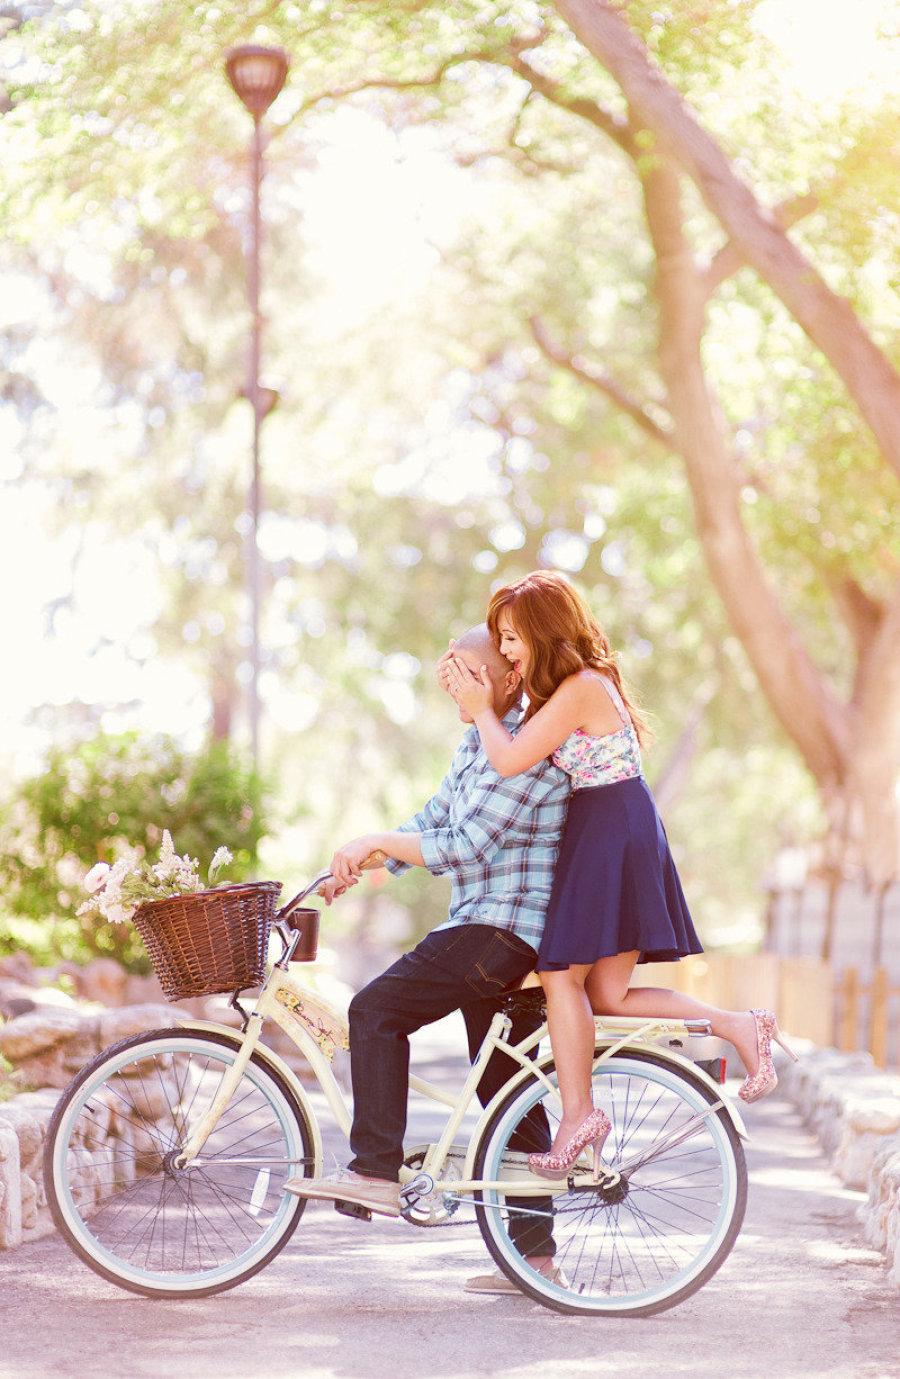 Take a Bike Ride